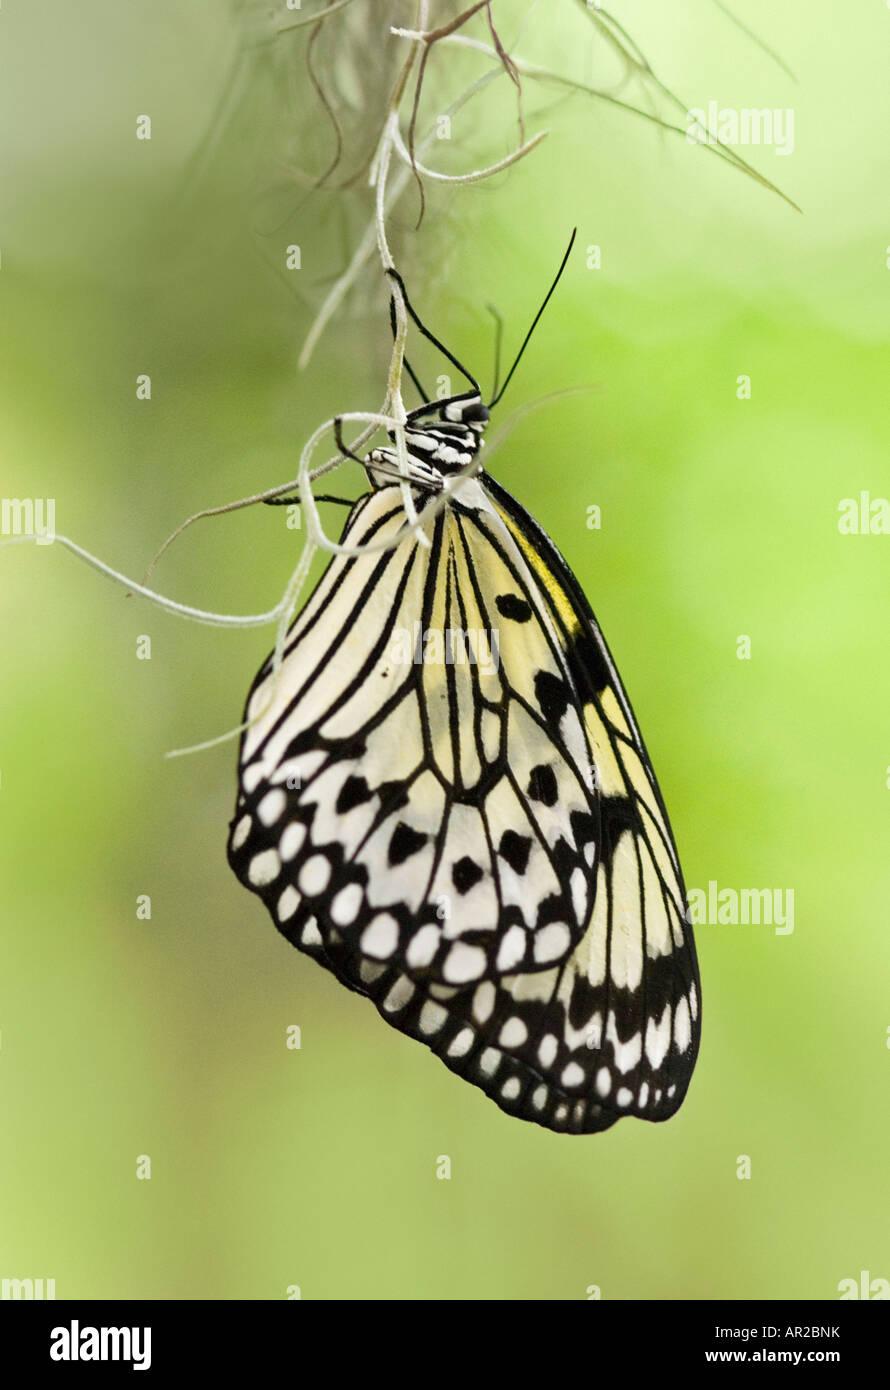 Ninfa struttura Butterfly noto anche come carta aquilone Butterfliy e carta di riso Butterfly Immagini Stock